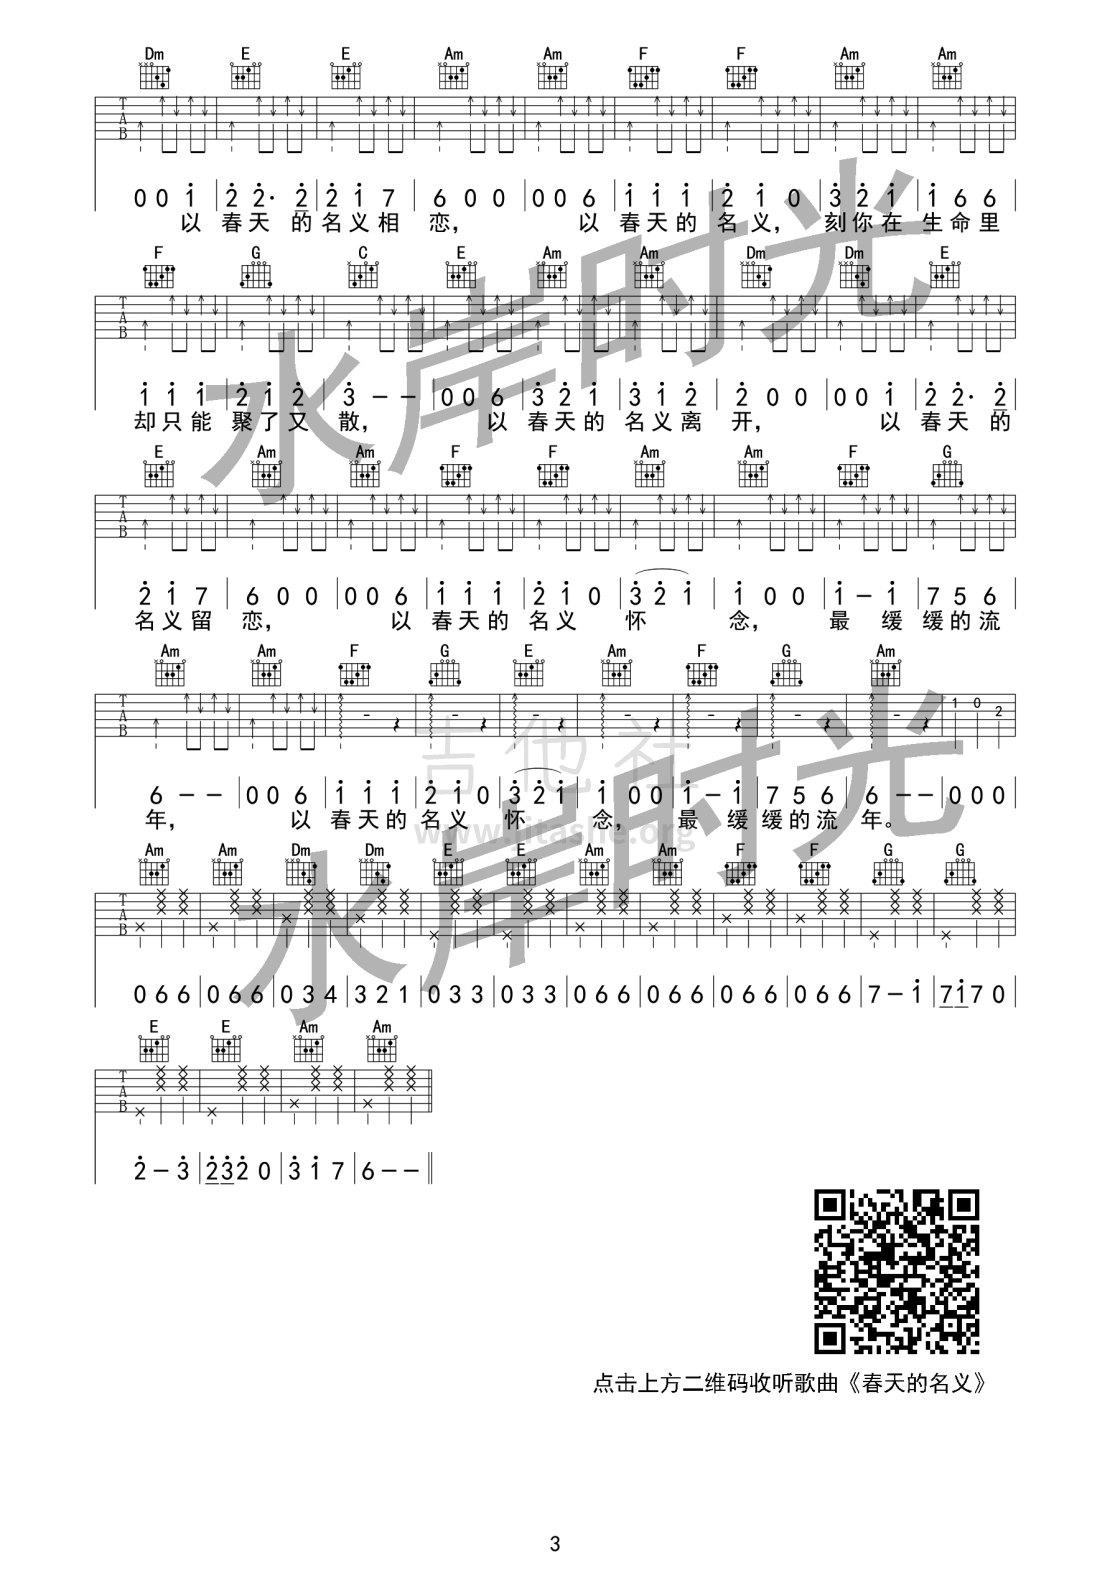 春天的名义吉他谱(图片谱,原版,简单版,木吉他)_水岸_春天的名义03.jpg